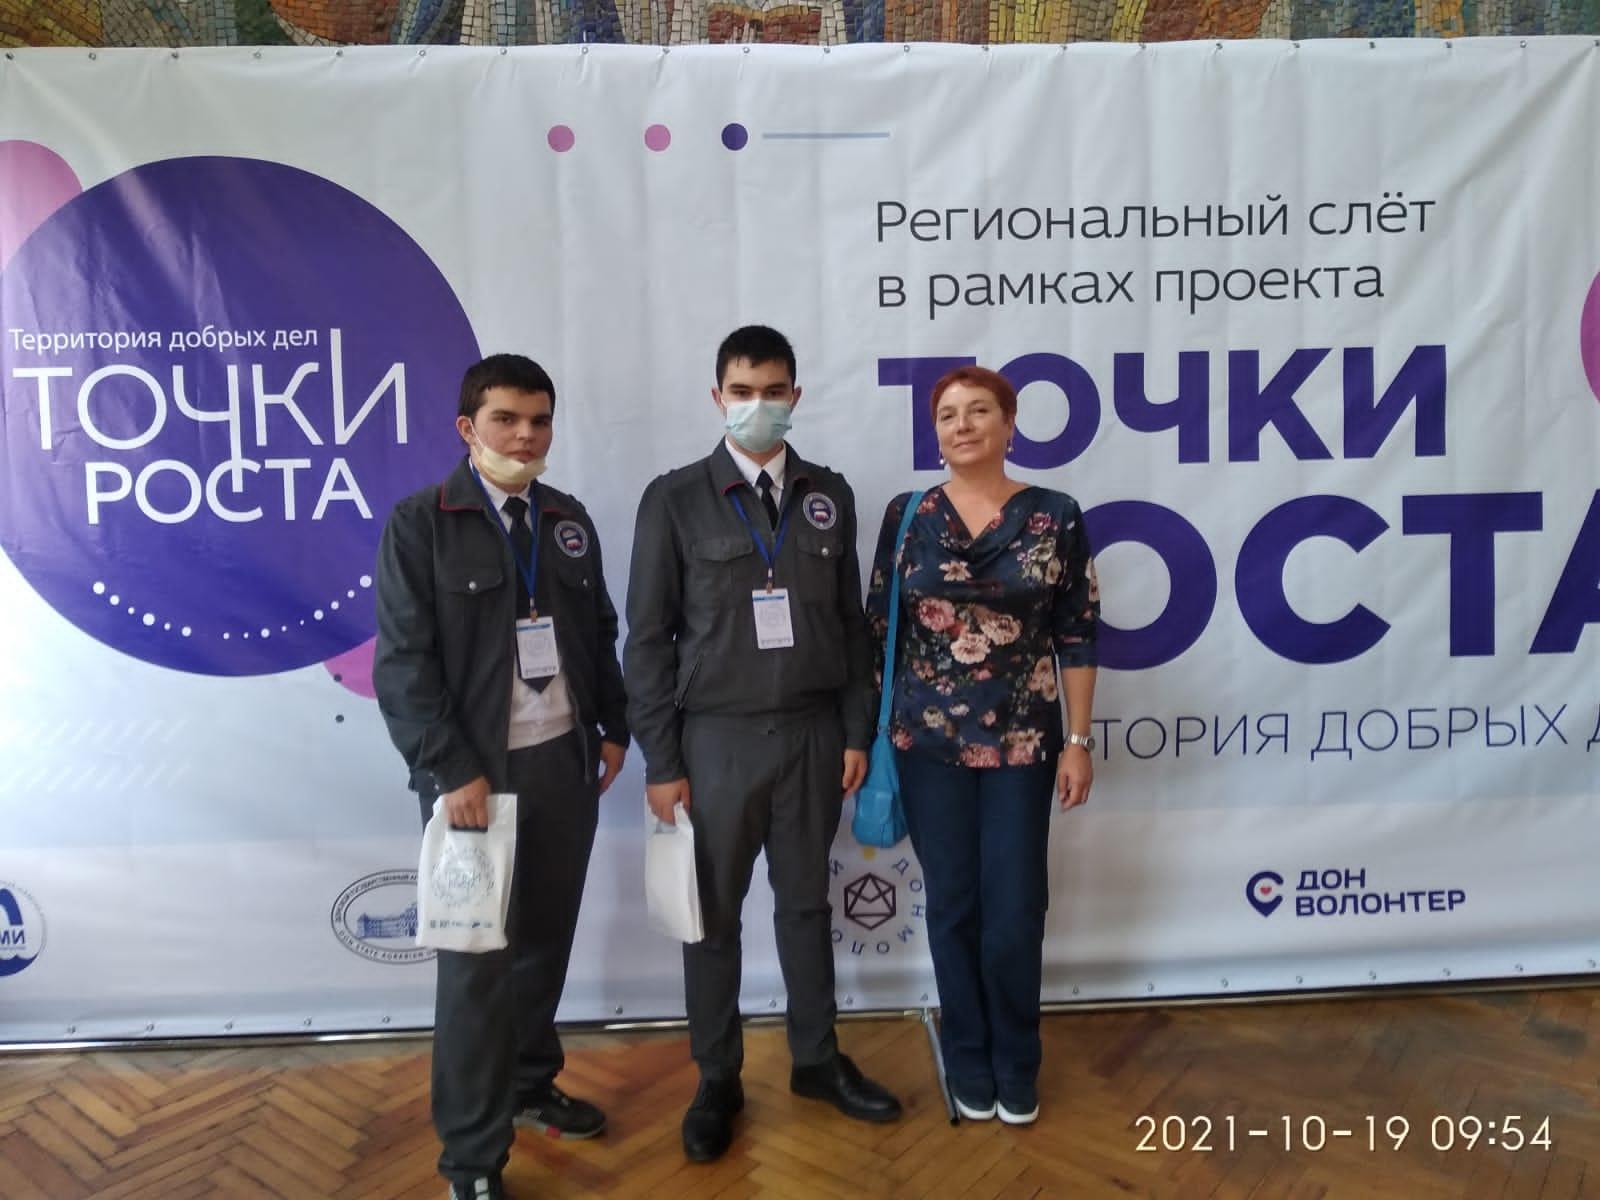 Региональный слет добровольческих организаций Ростовской области